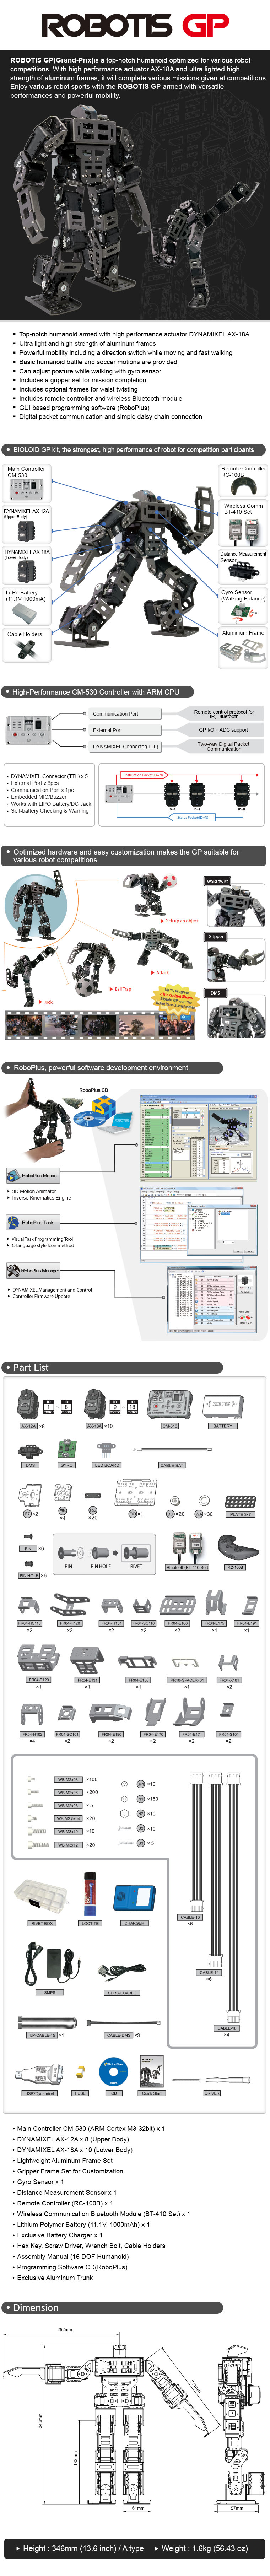 robotis-gp-en-info-ver1642.jpg